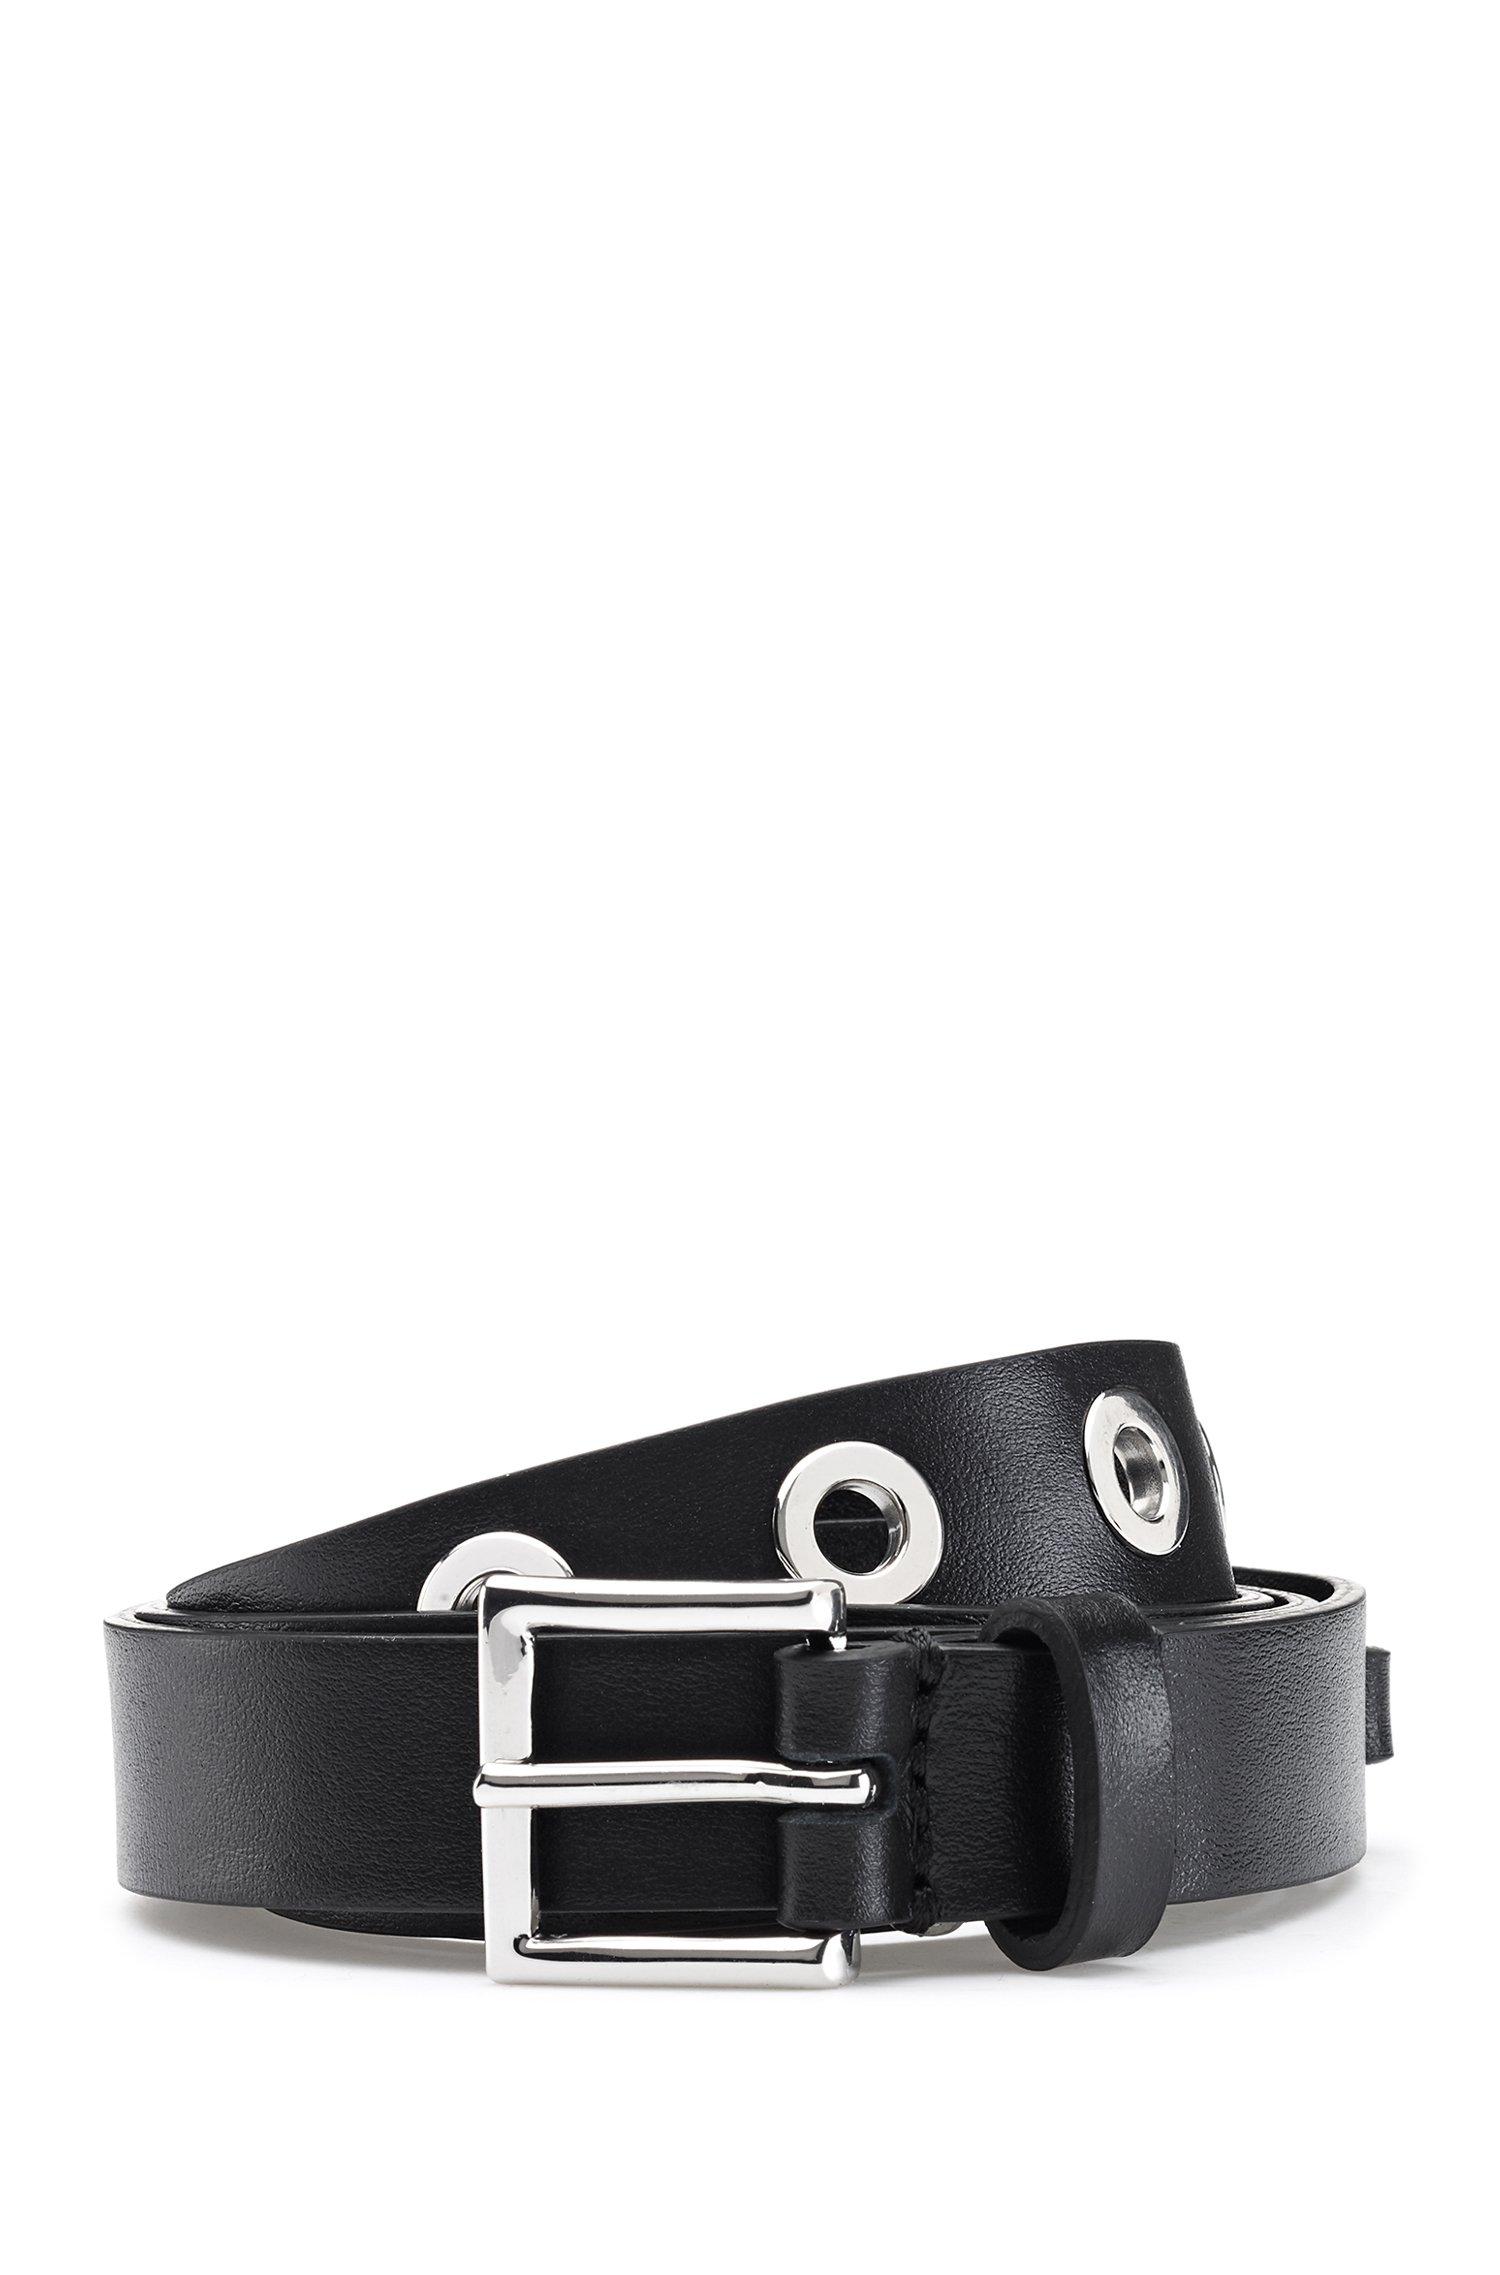 Cinturón de piel italiana con ojales de metal pulido, Negro